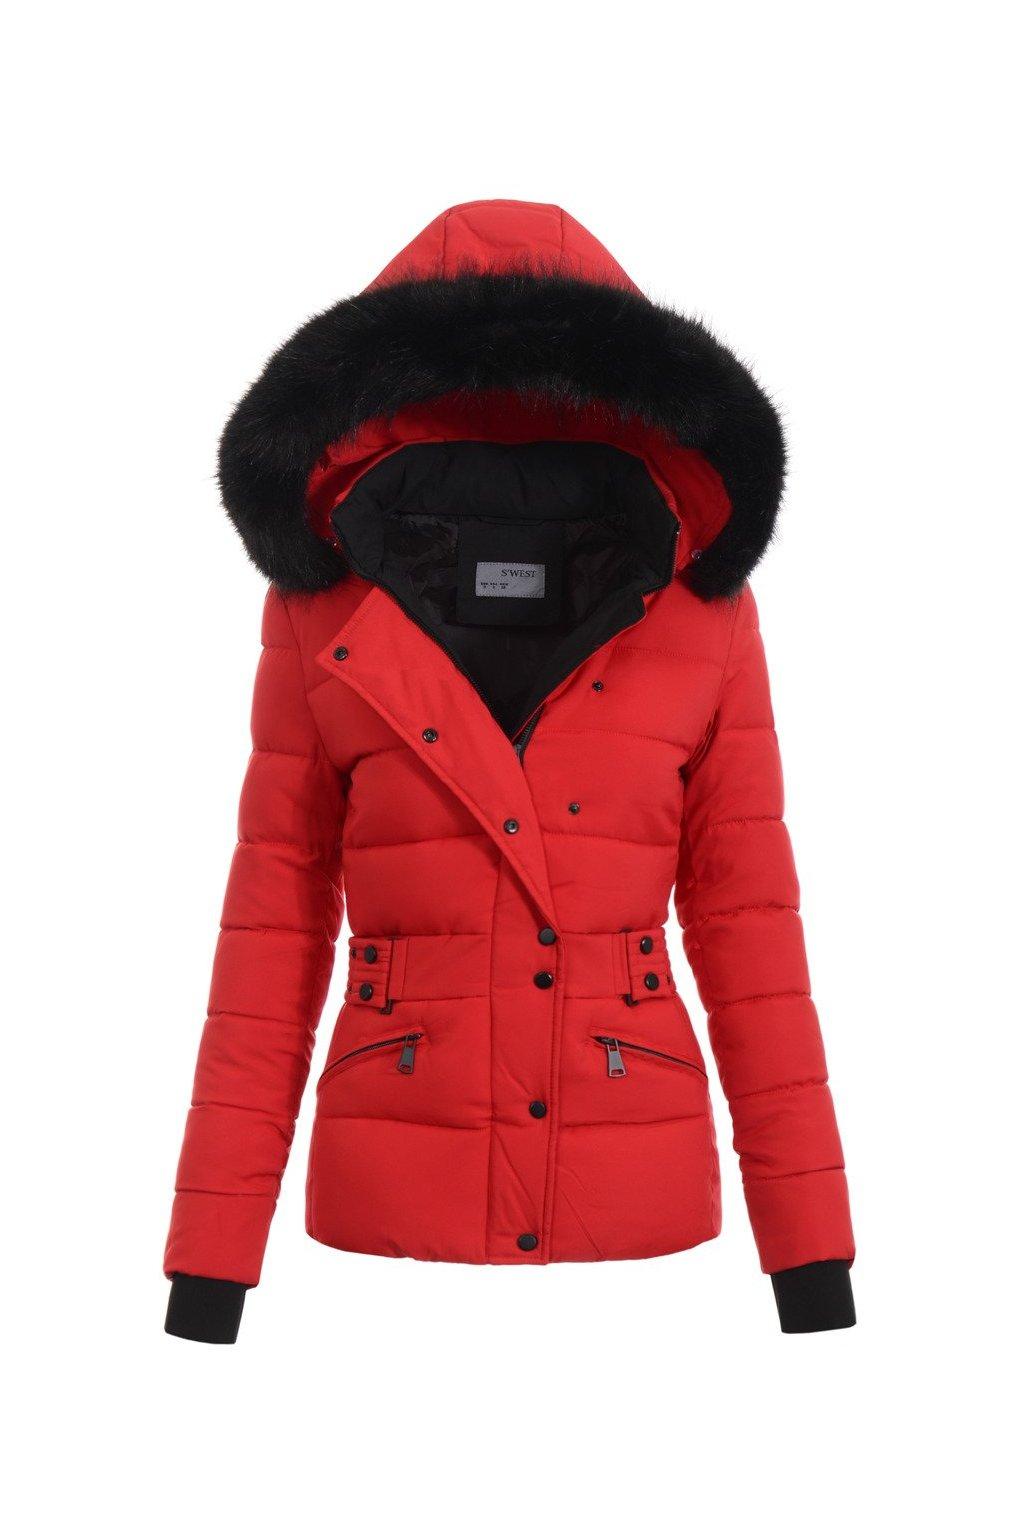 Dámska zimná bunda s kapucňou 4771 červená